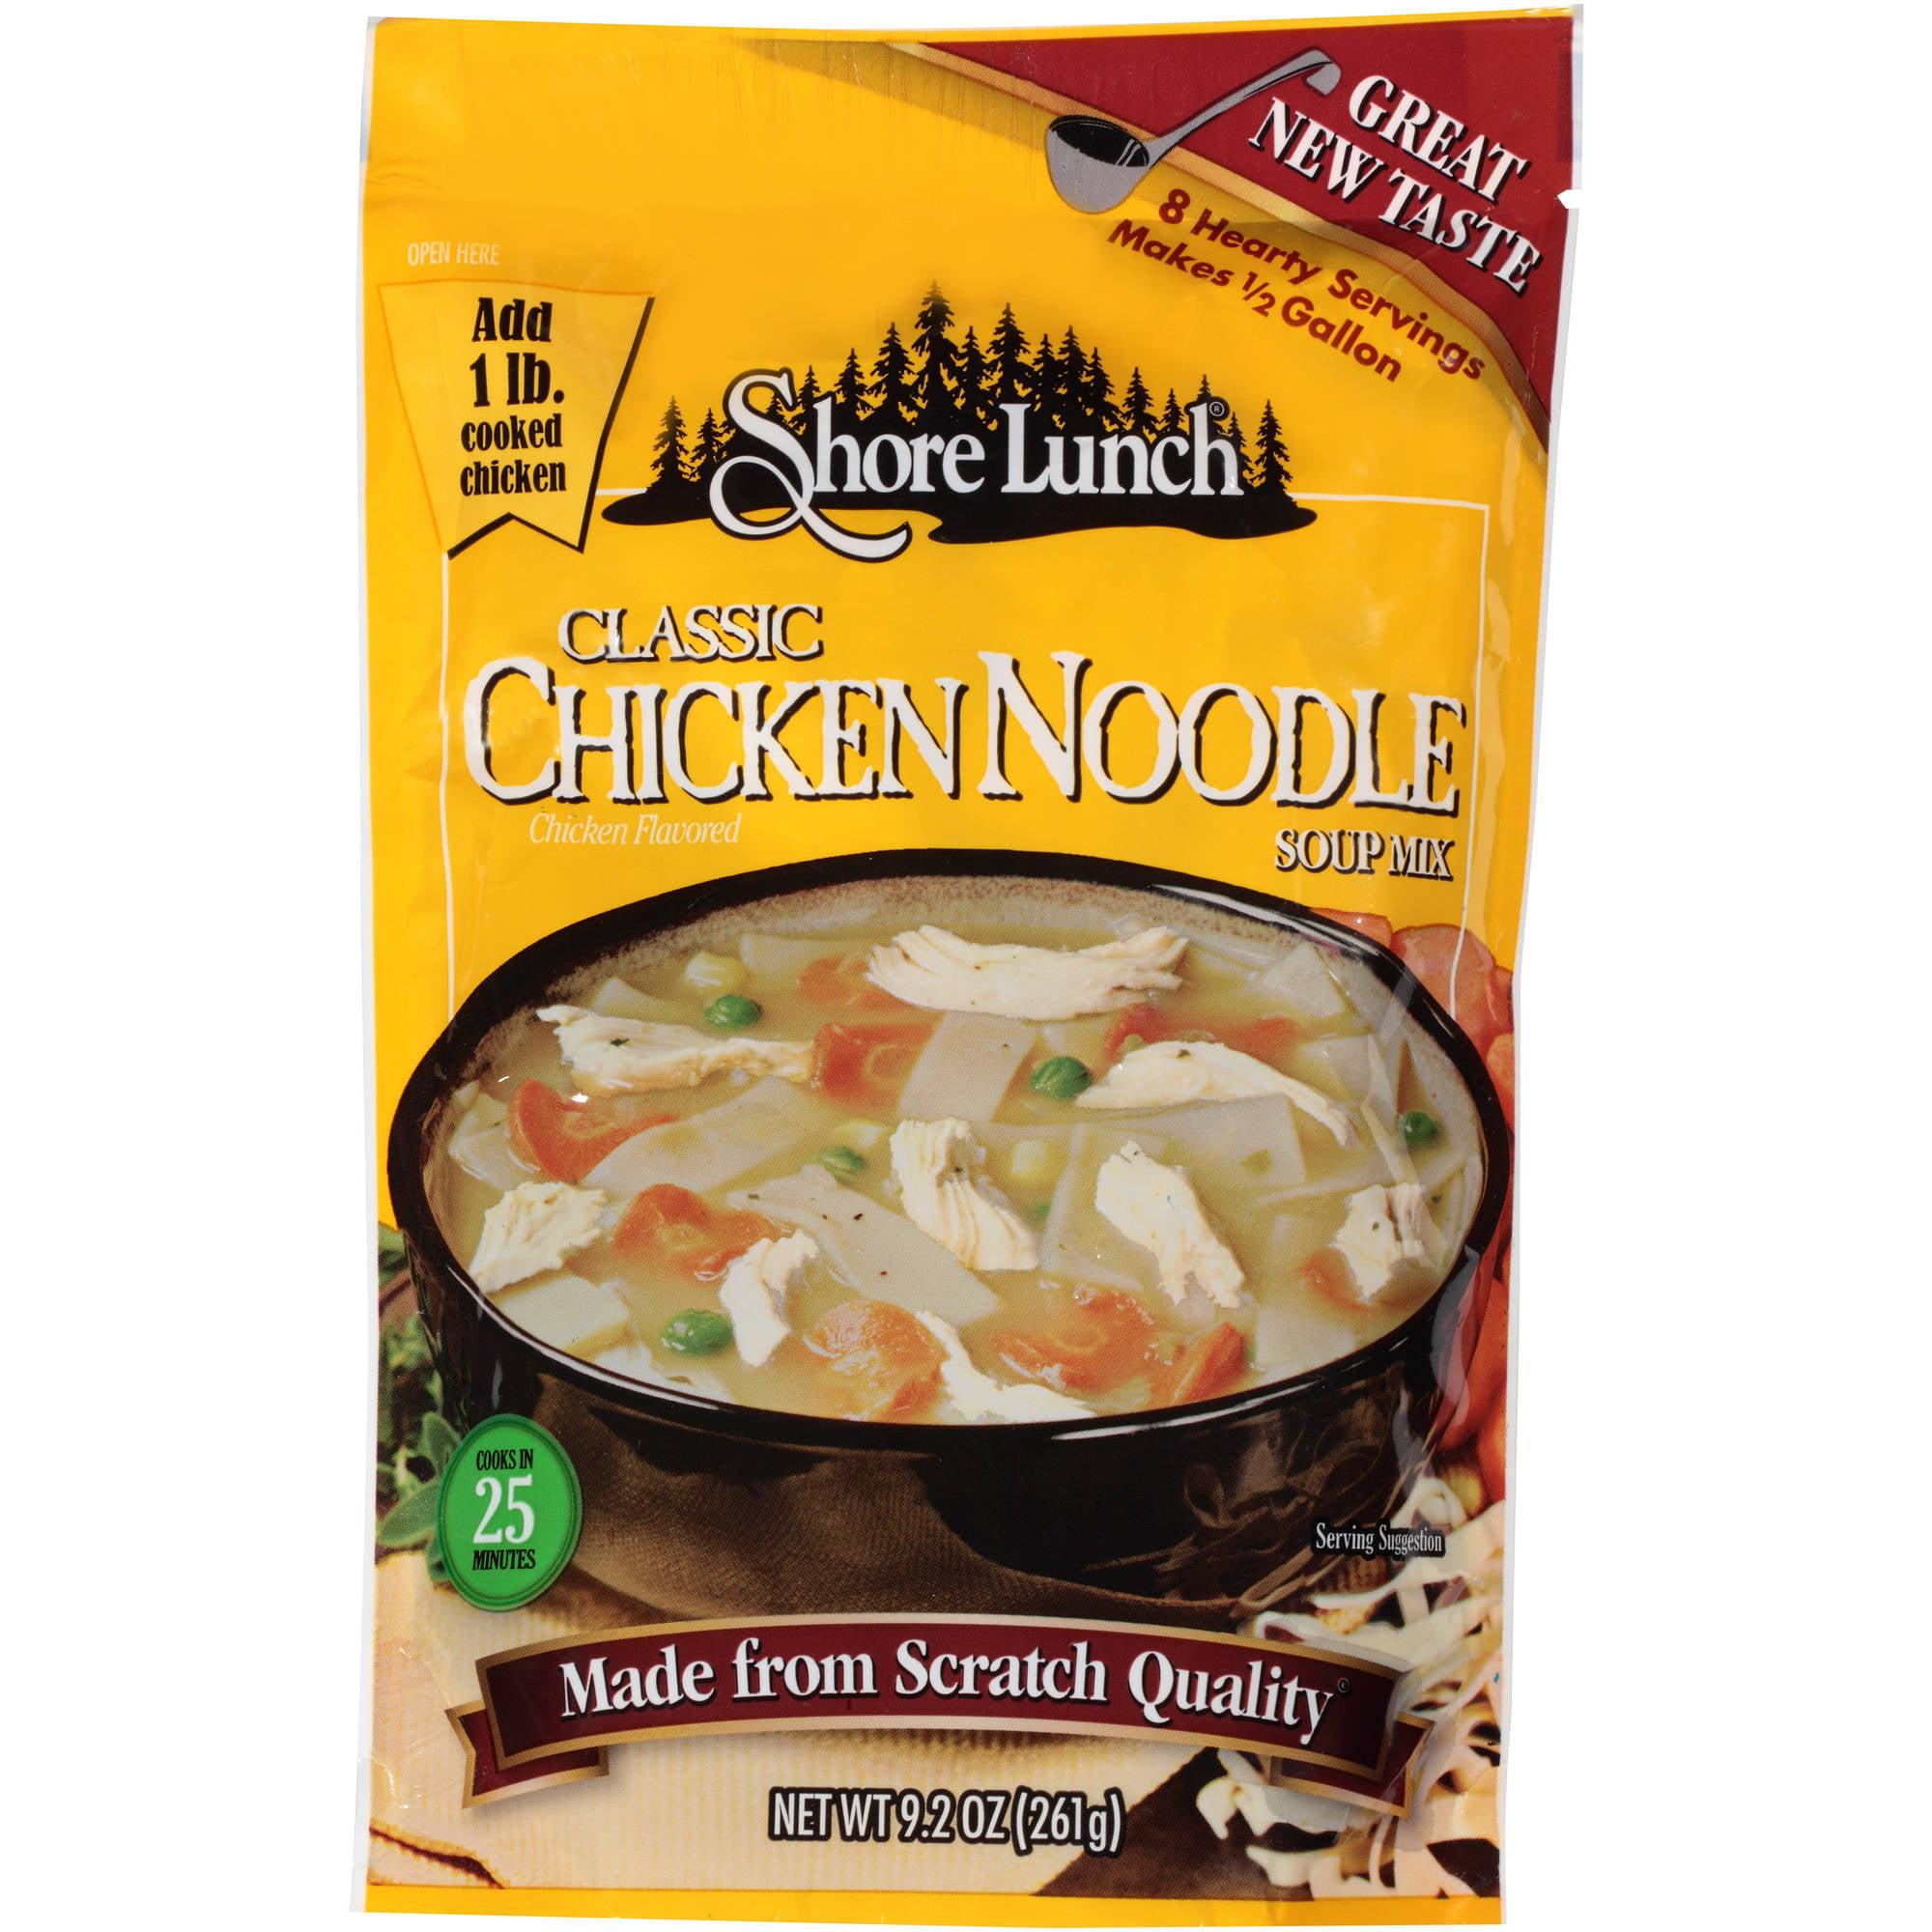 Shore Lunch Classic Chicken Noodle Soup Mix, 9.2 oz